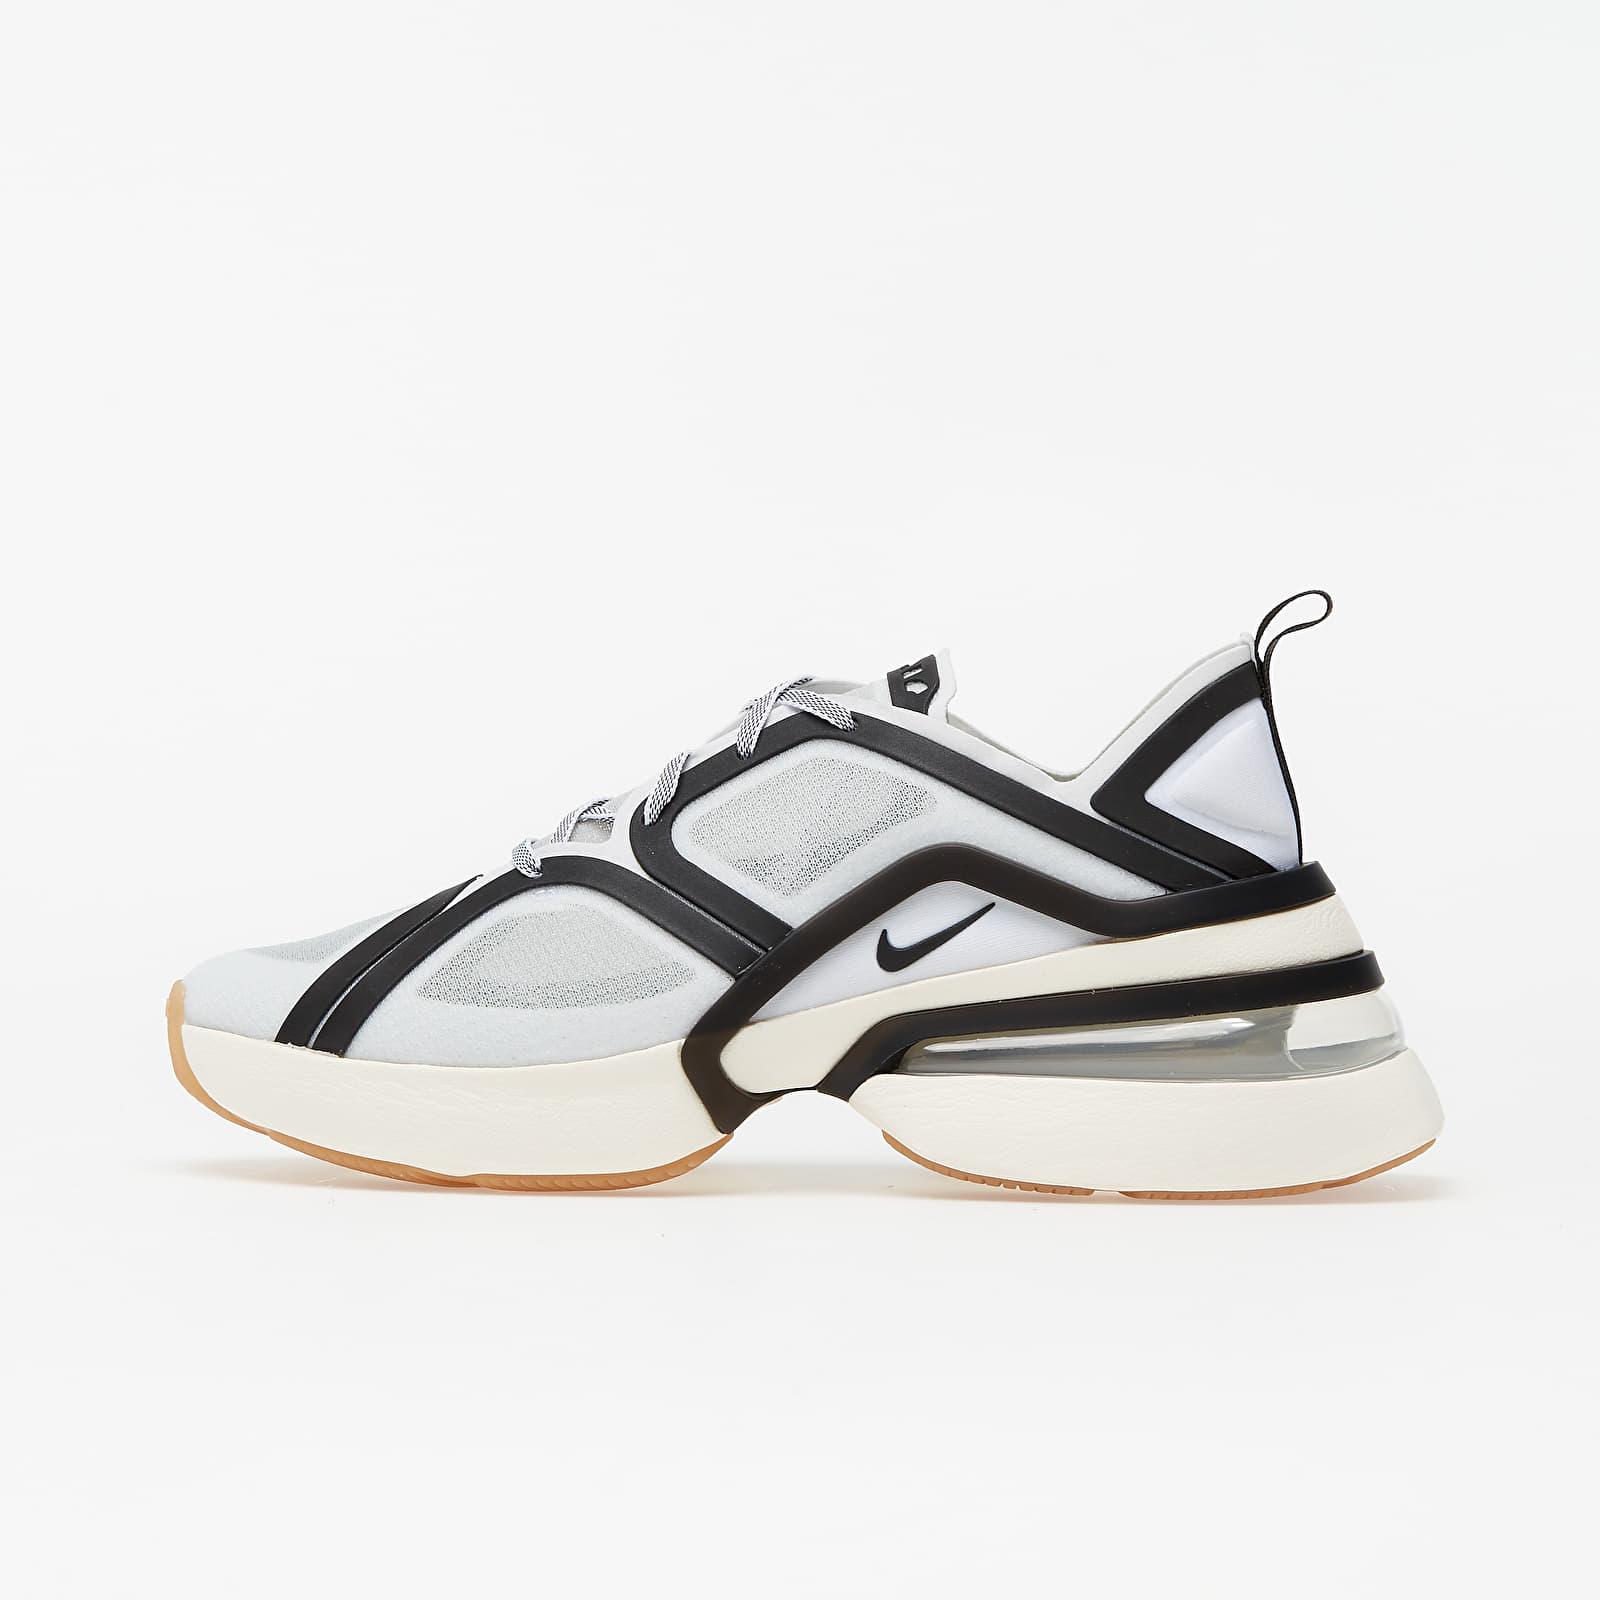 Nike W Air Max 270 XX QS White/ Black-Pale Ivory-Gum Med Brown EUR 44.5